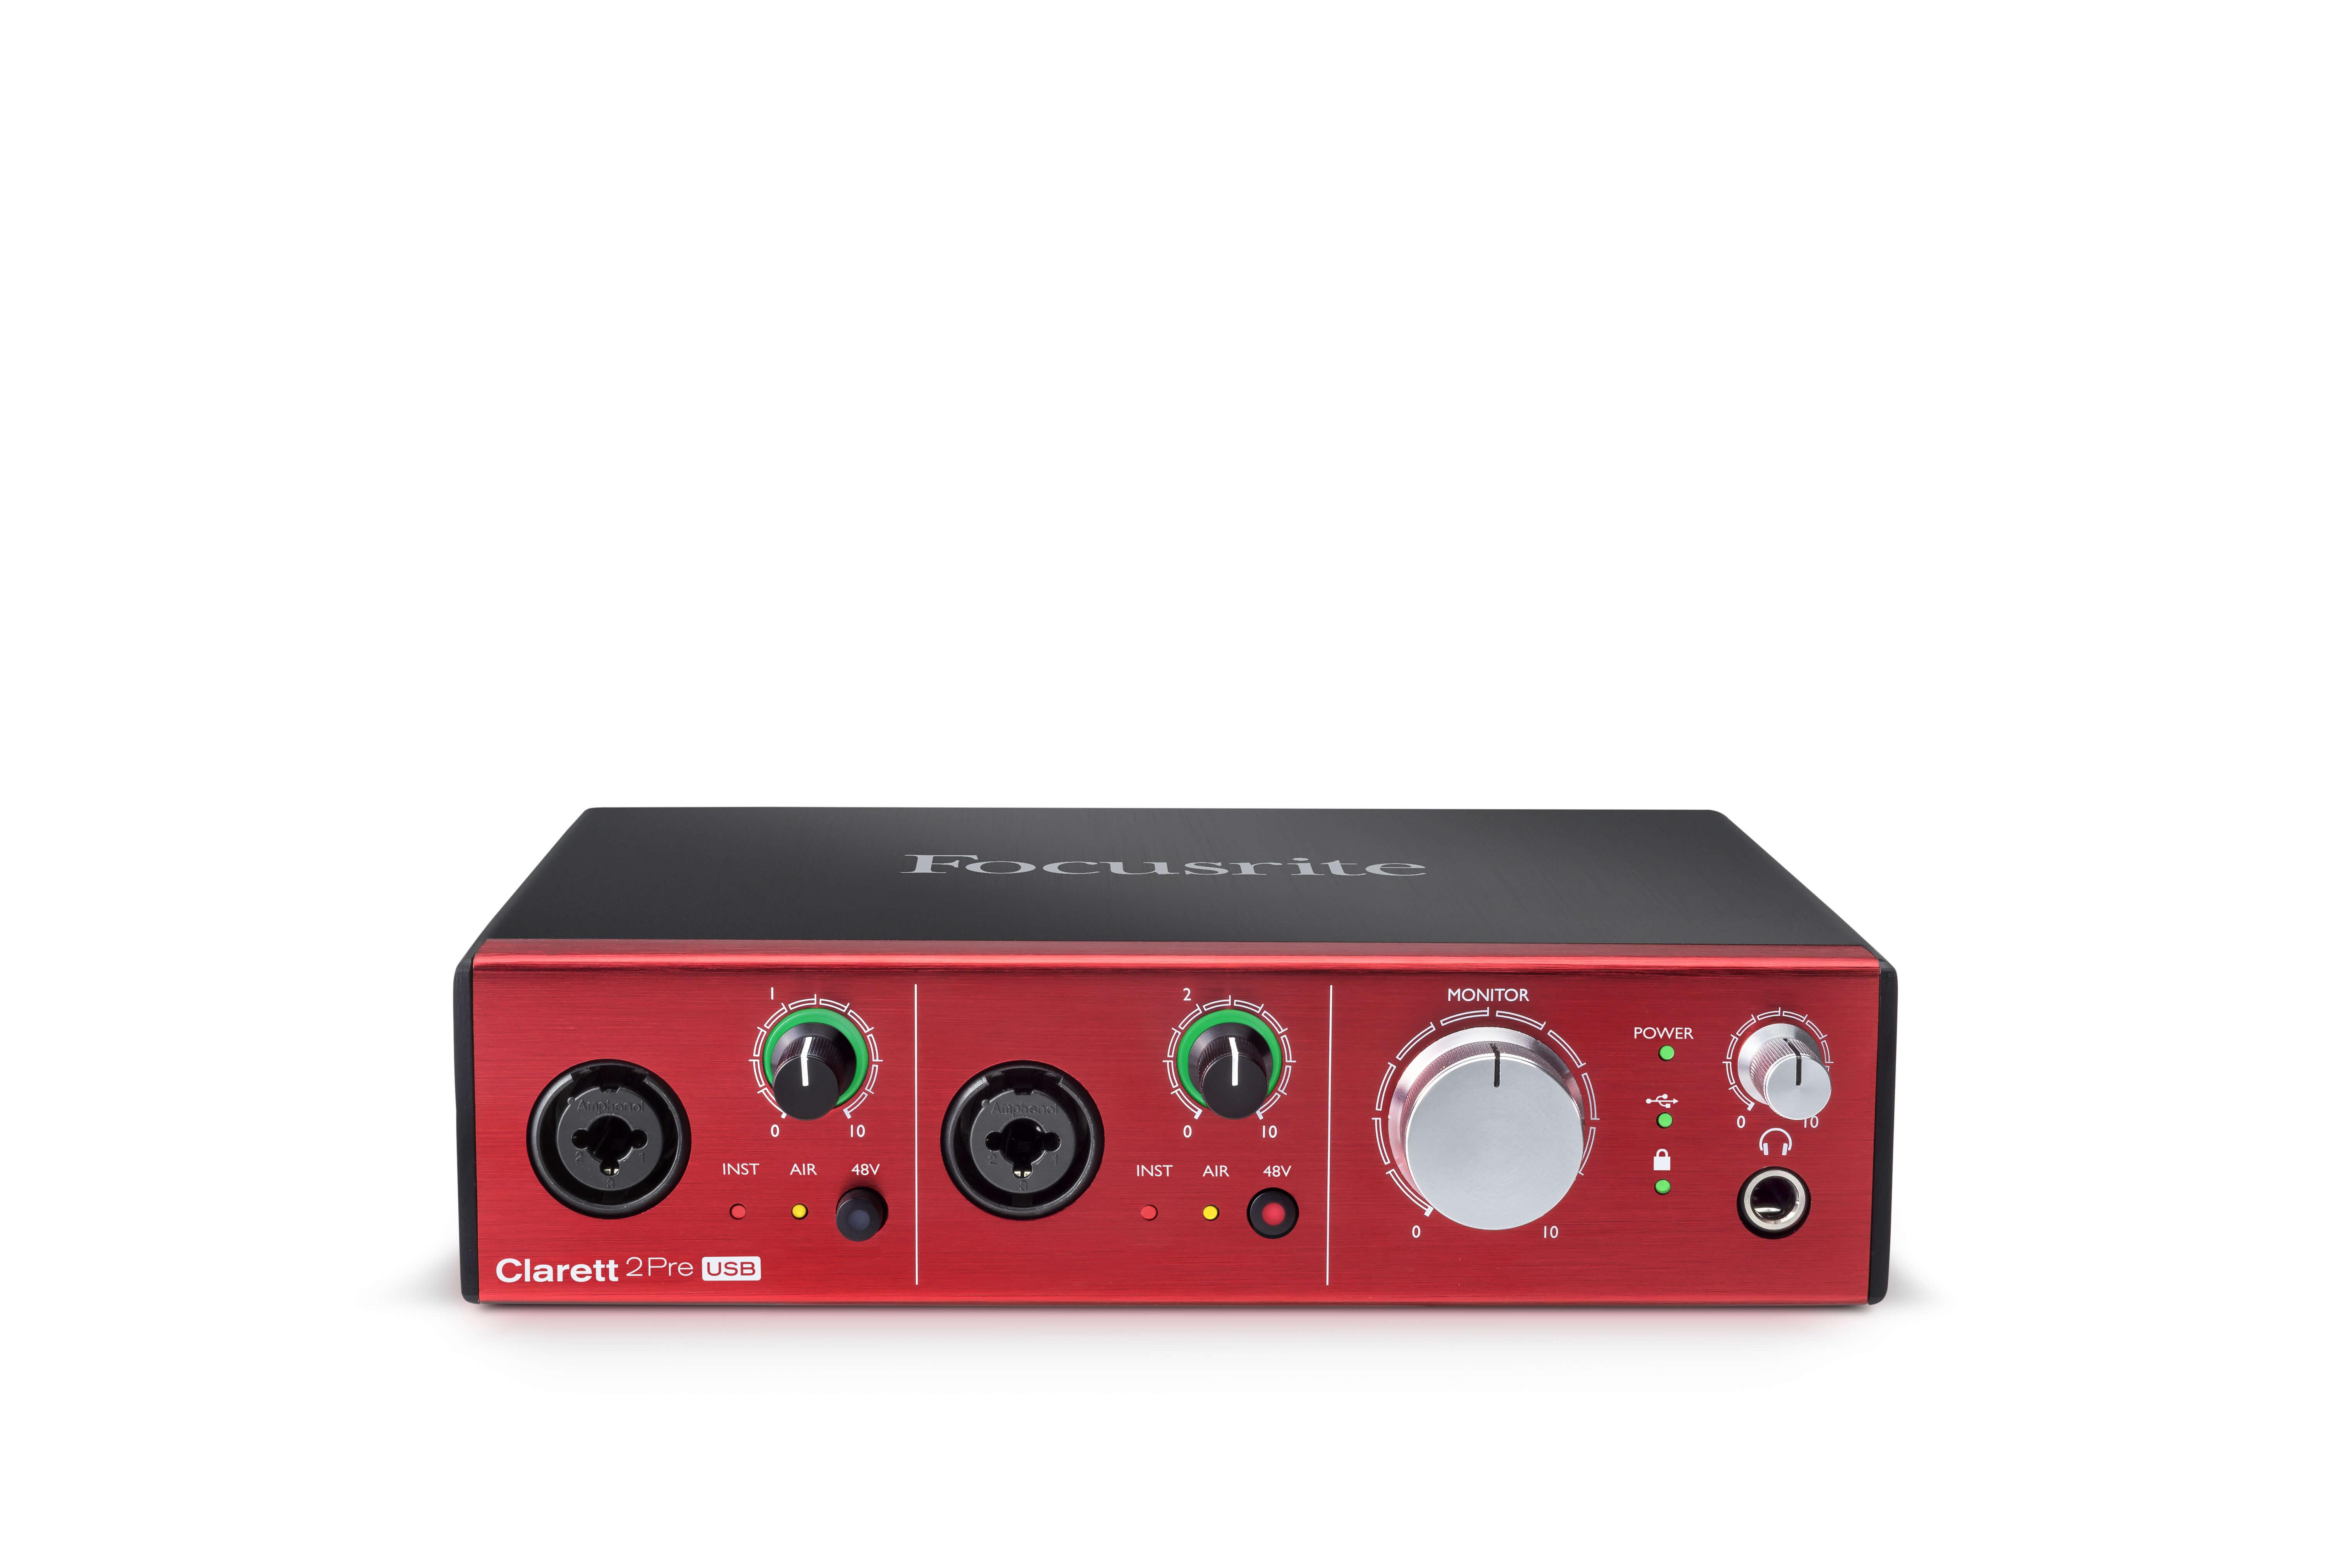 focusrite clarett 2pre usb hero audio interface - elevated